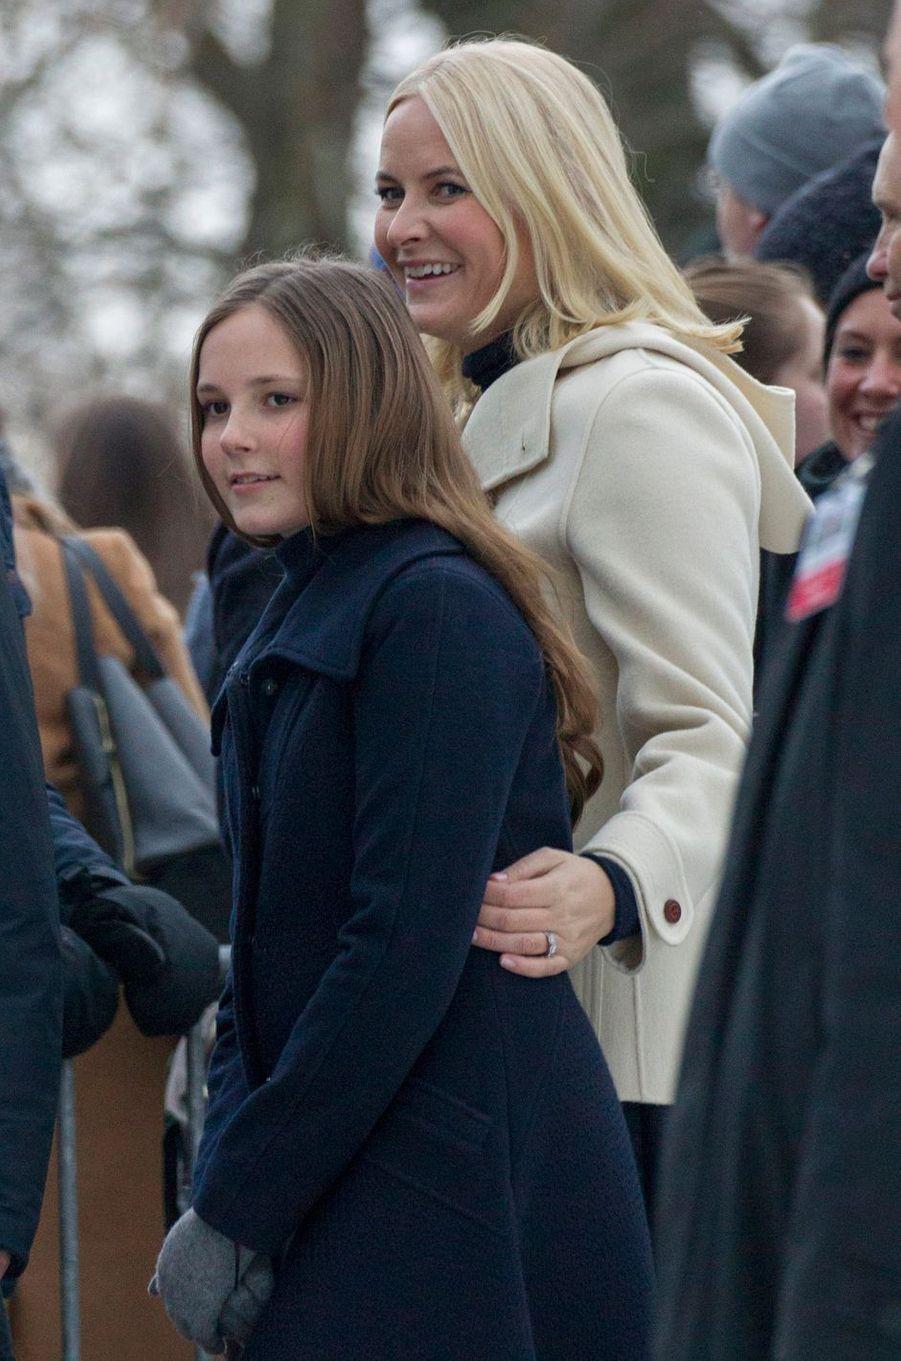 Les princesses Ingrid Alexandra et Mette-Marit de Norvège à Oslo, le 1er février 2018